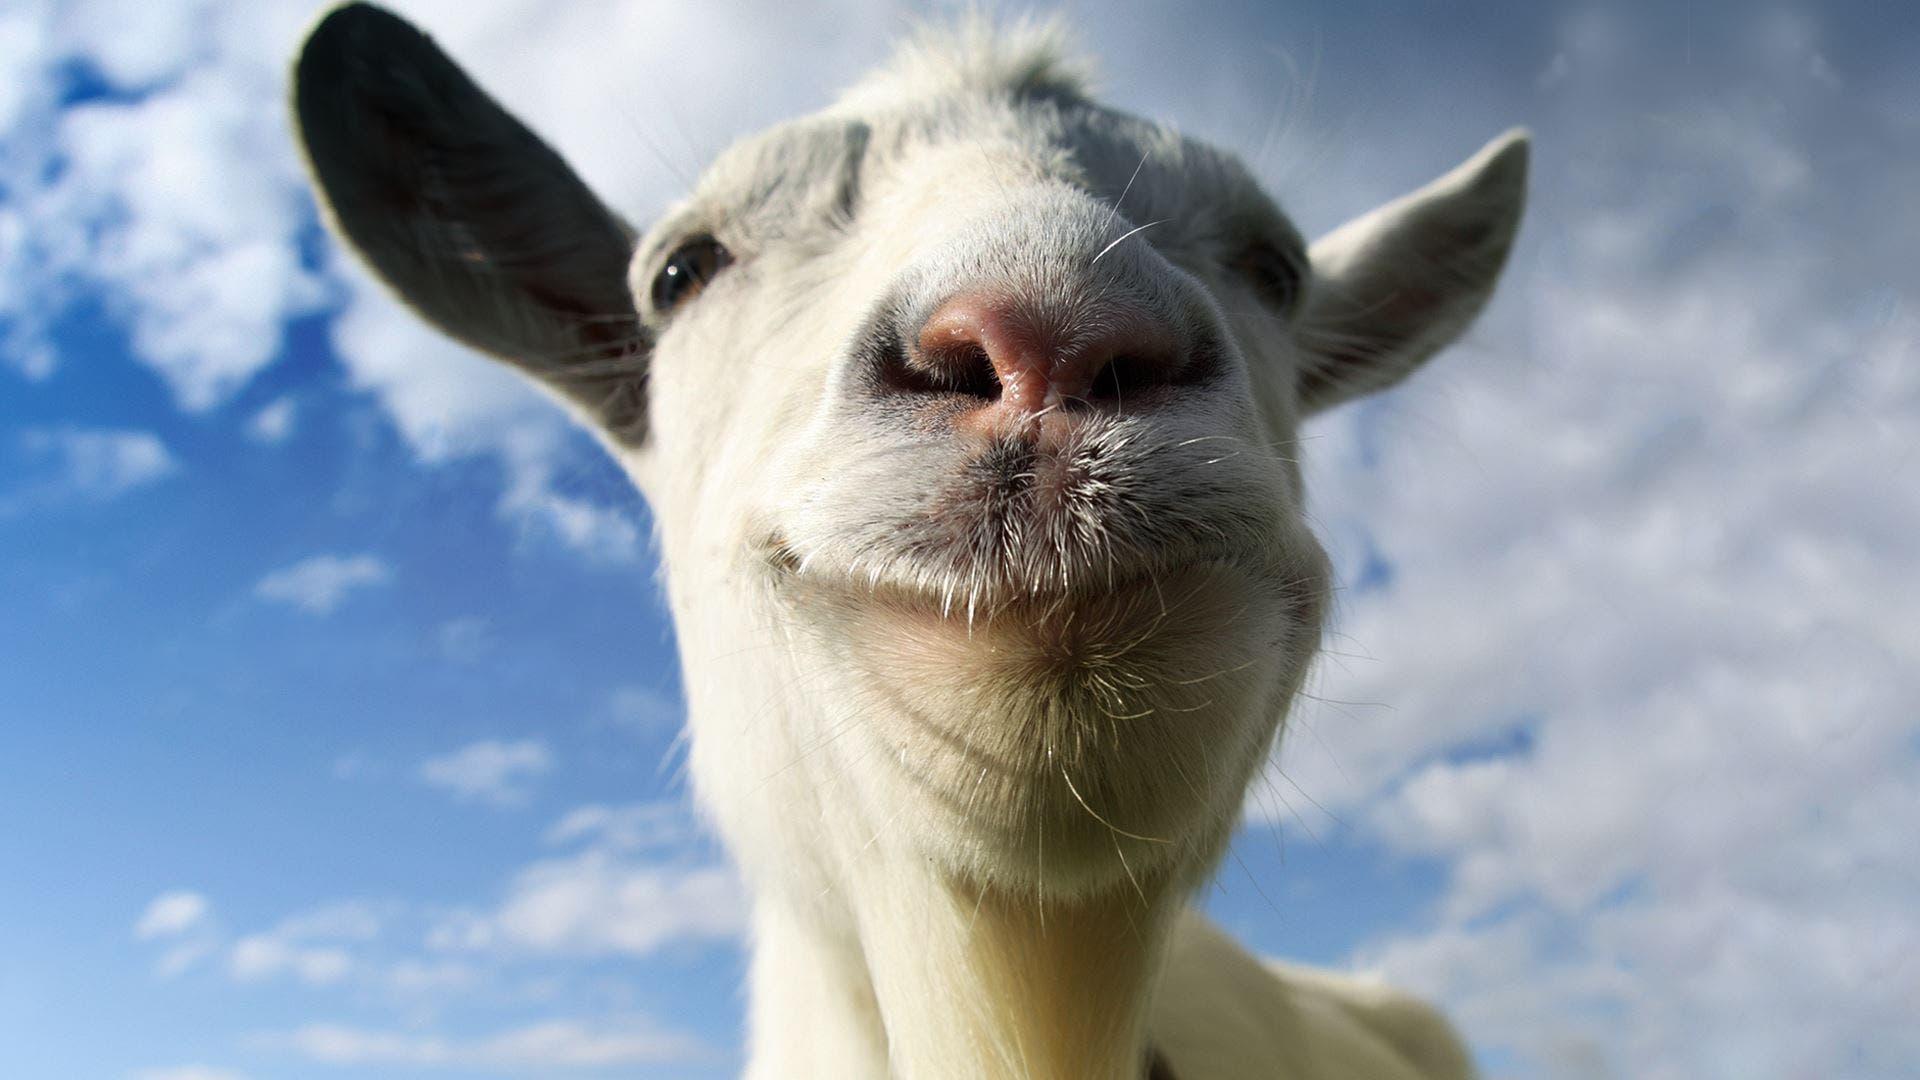 Estos son algunos de los momentos más divertidos de Goat Simulator 1